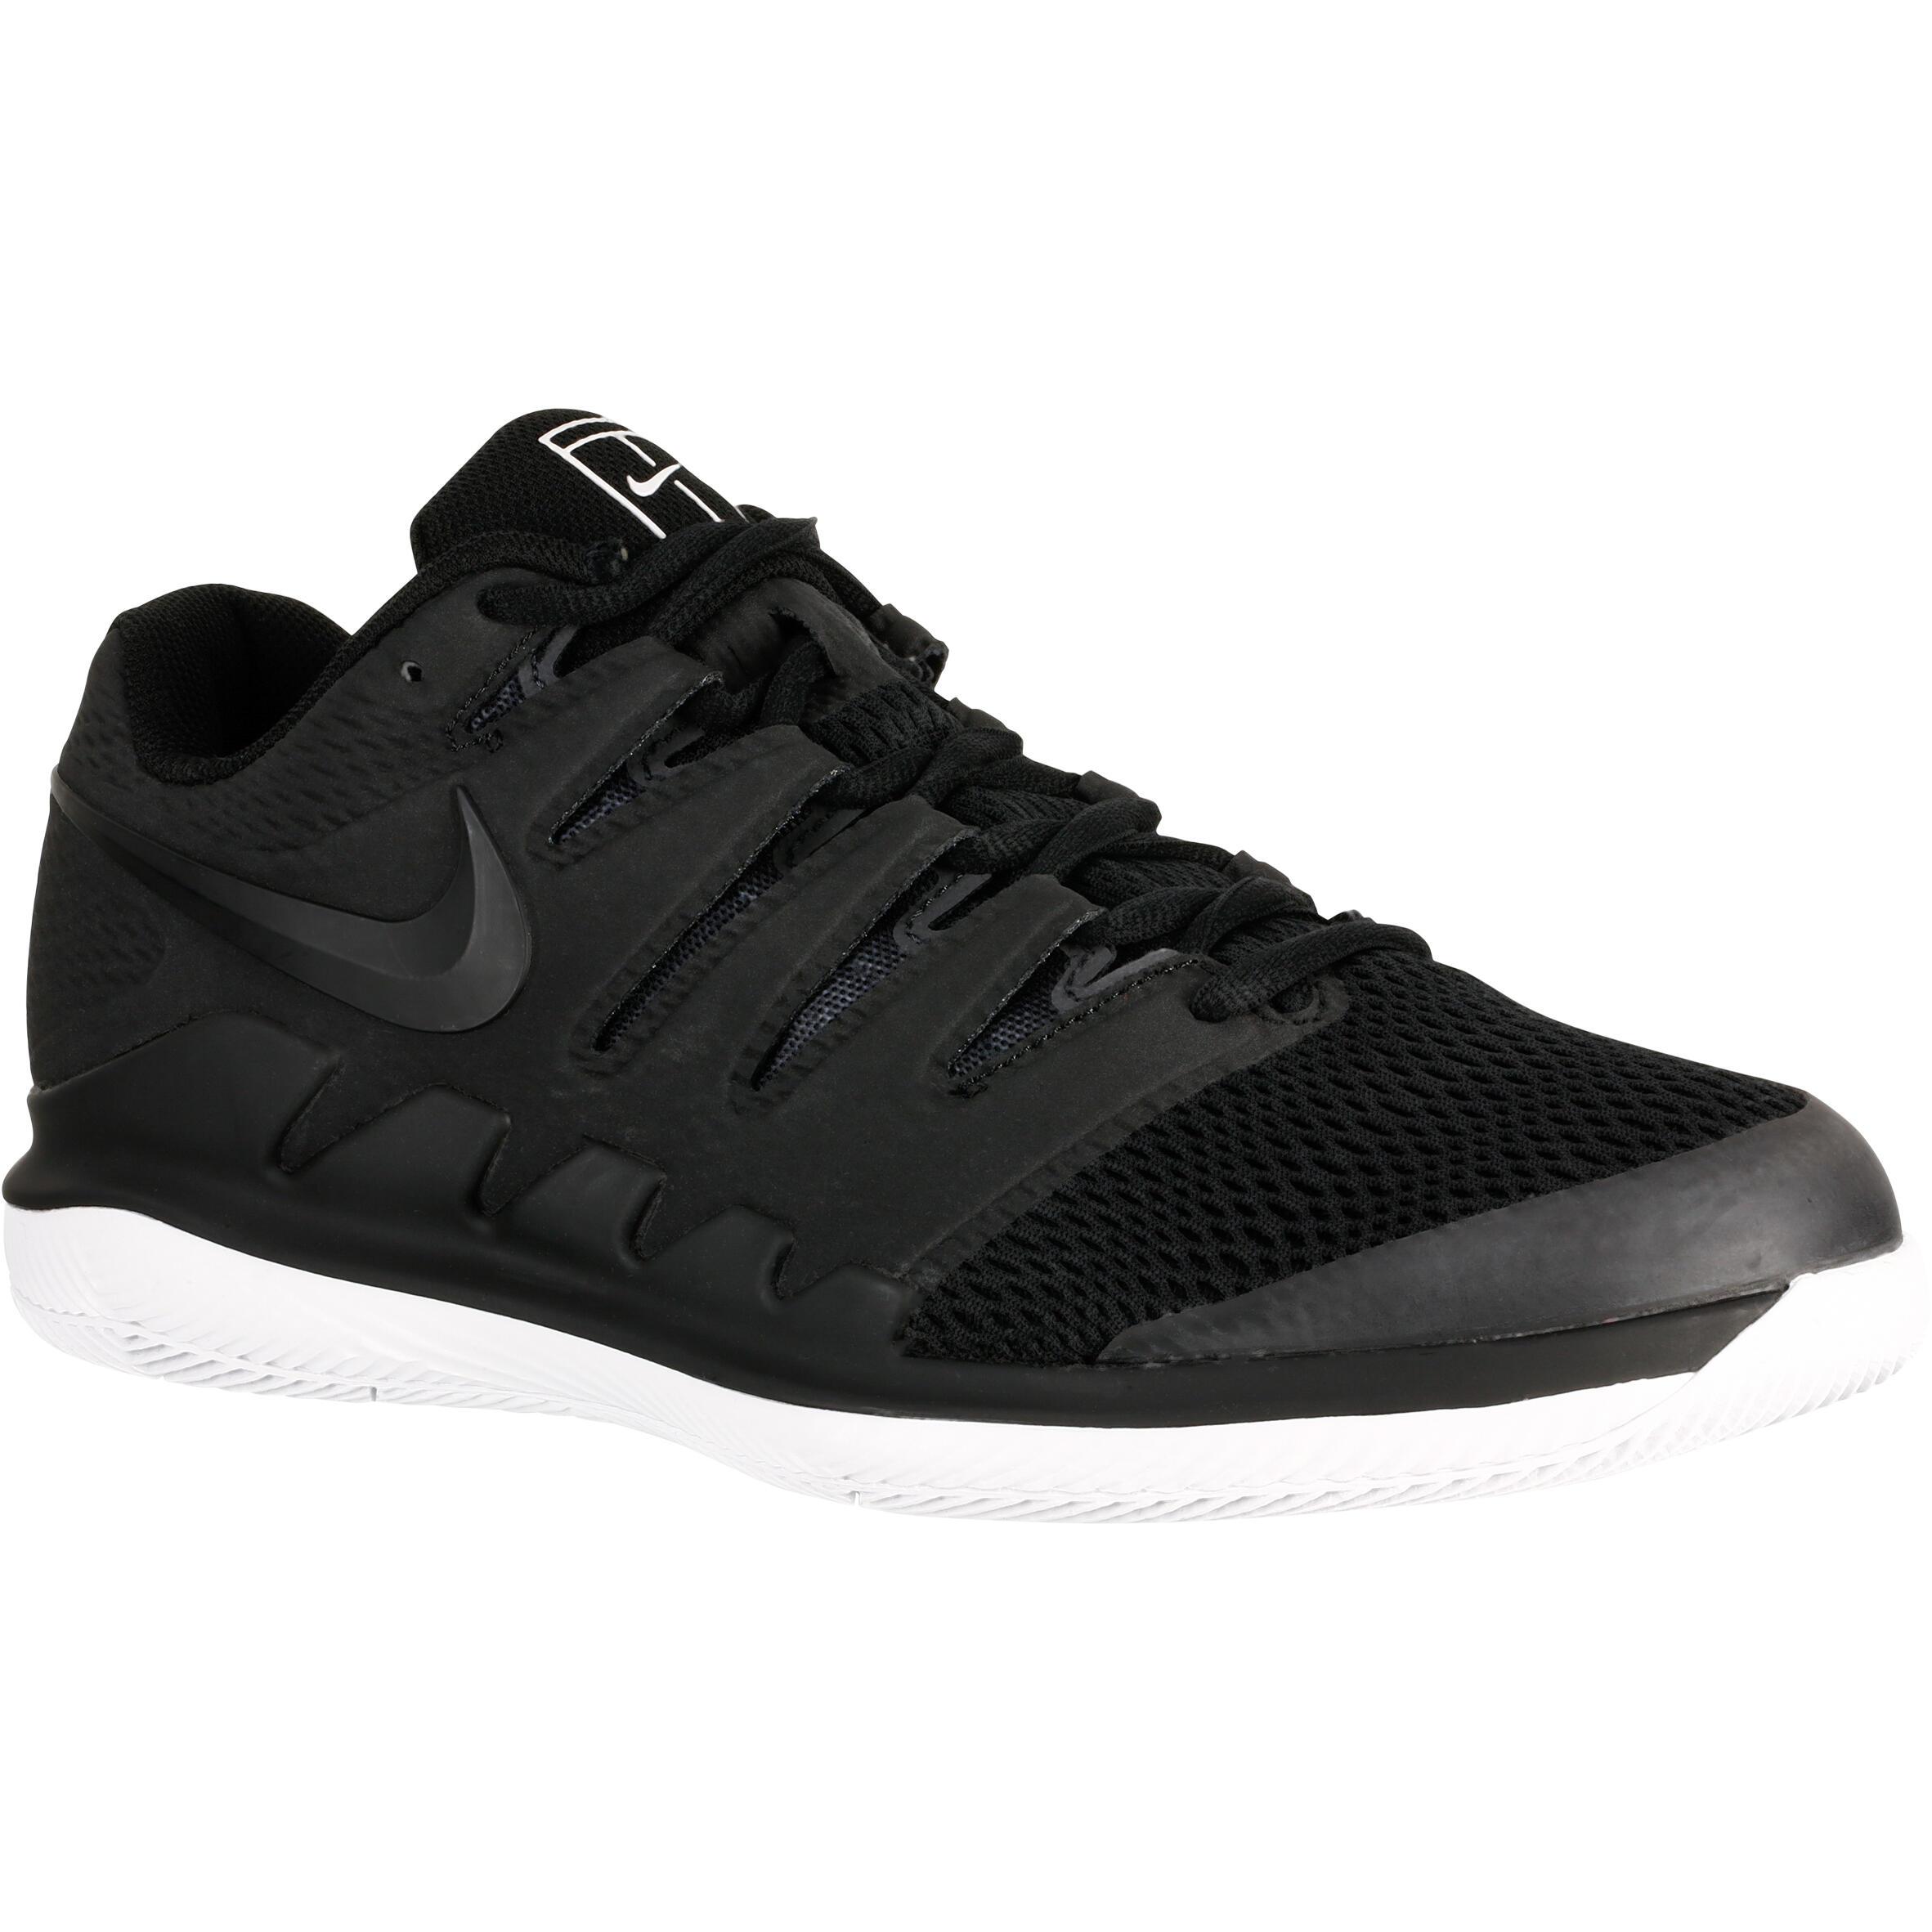 Nike Tennisschoenen voor heren Air Zoom Vapor 10 zwart multicourt